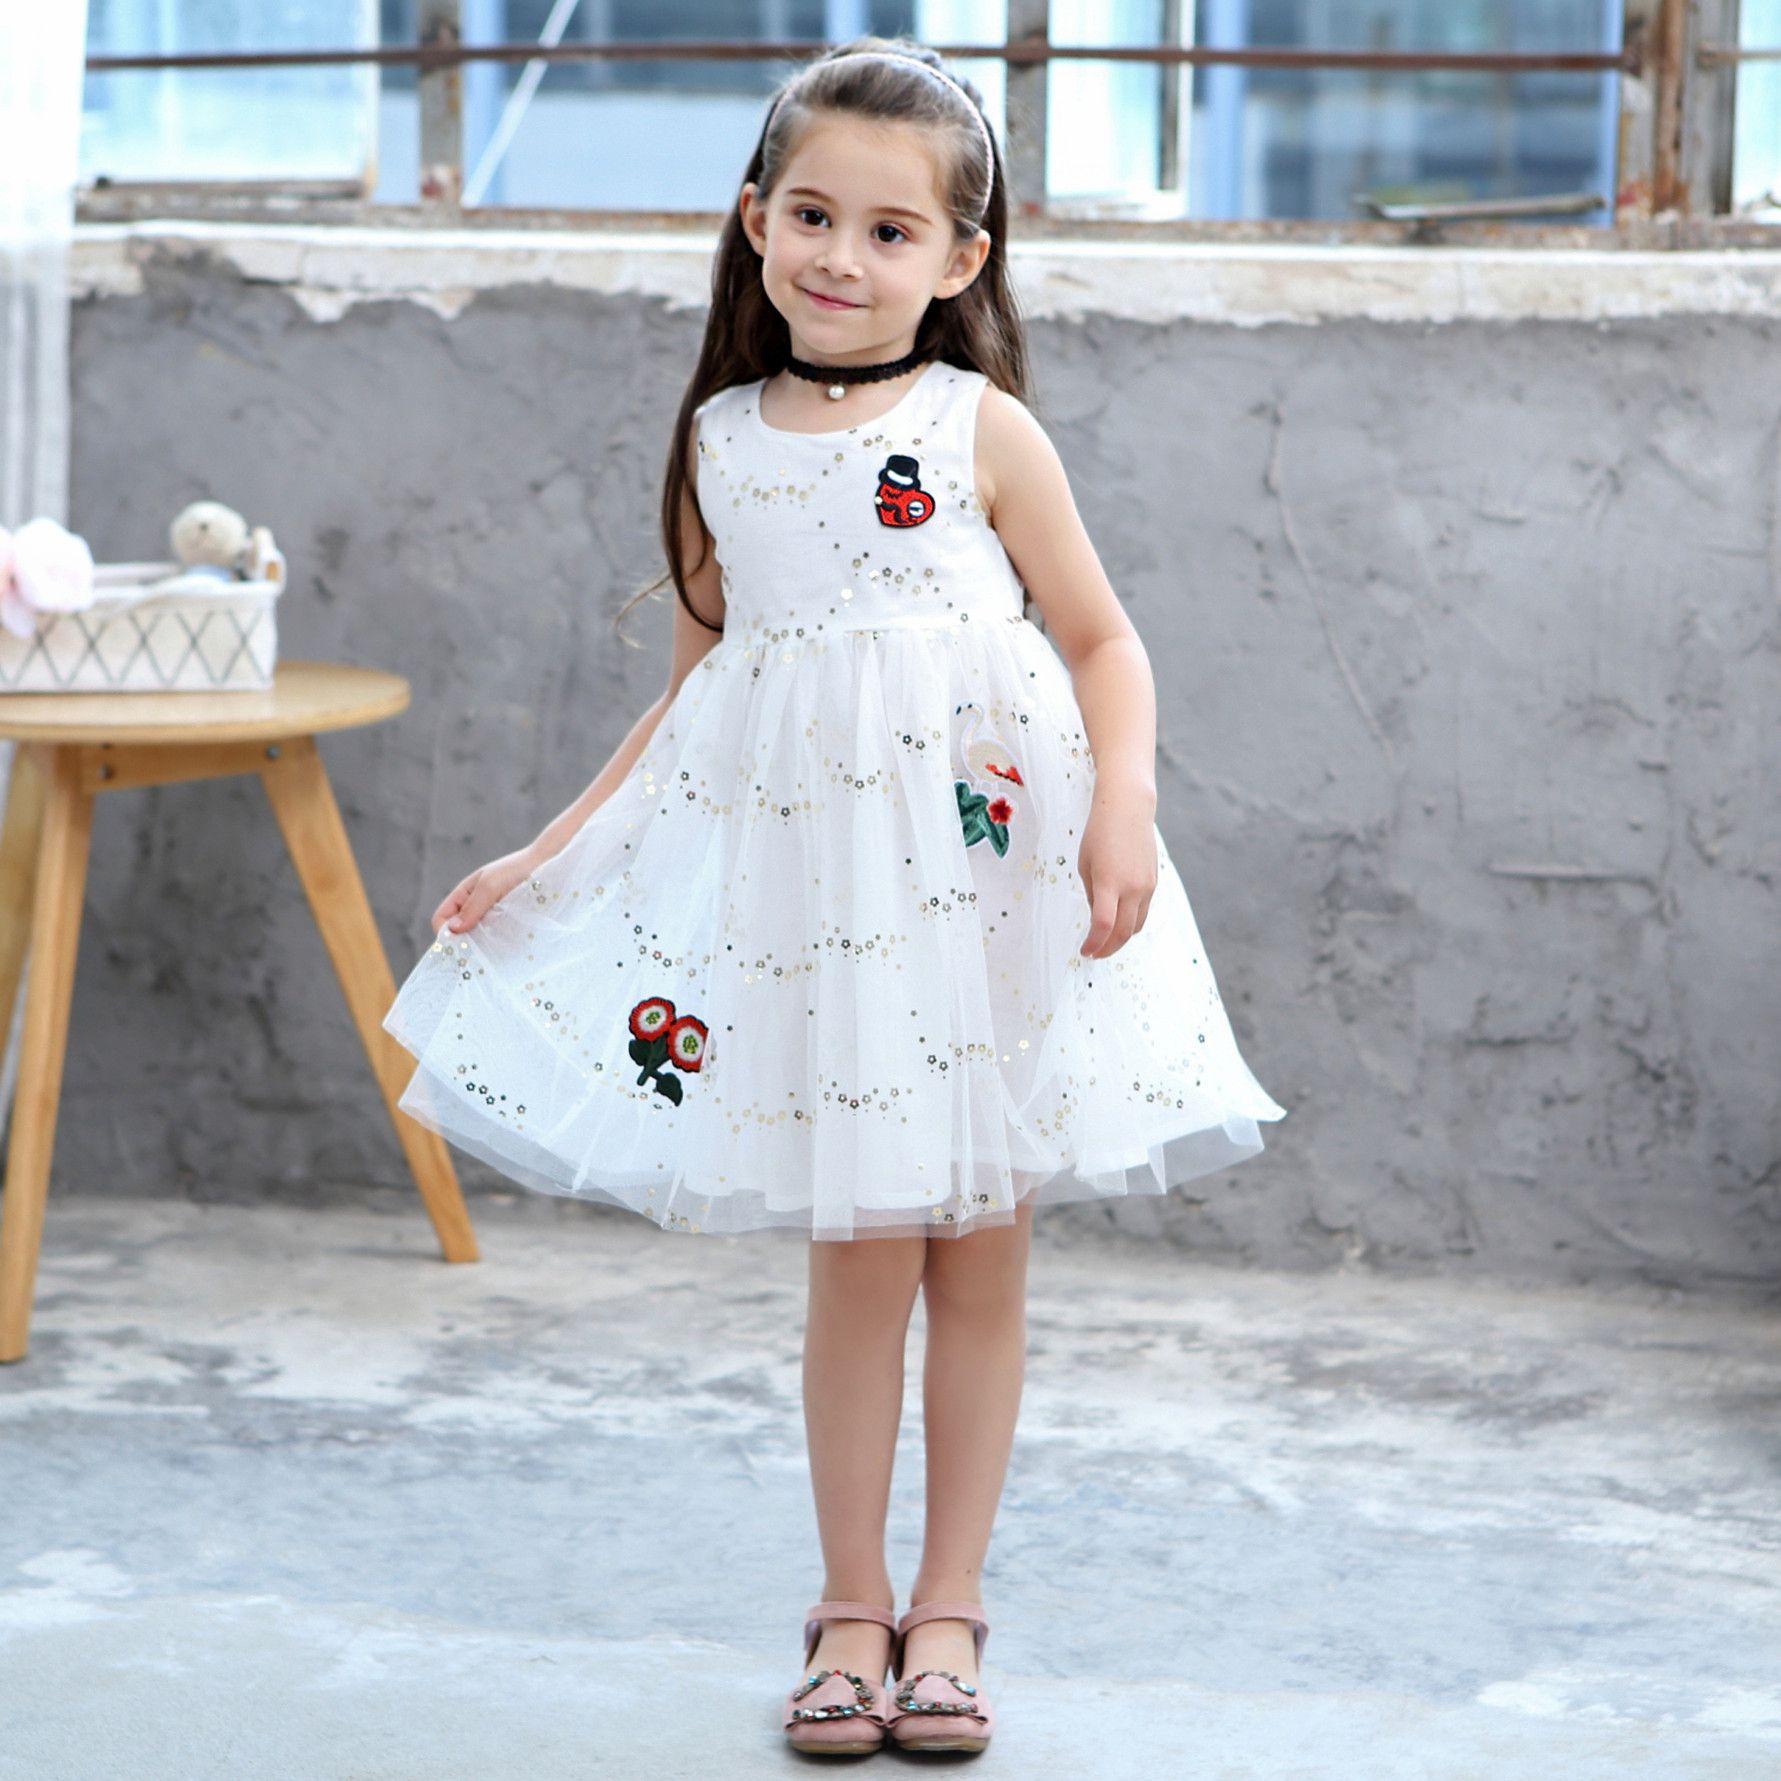 7 6 Princess Dress Girls Dresses Summer Summer Dresses Princess Dress Kids [ 1781 x 1781 Pixel ]